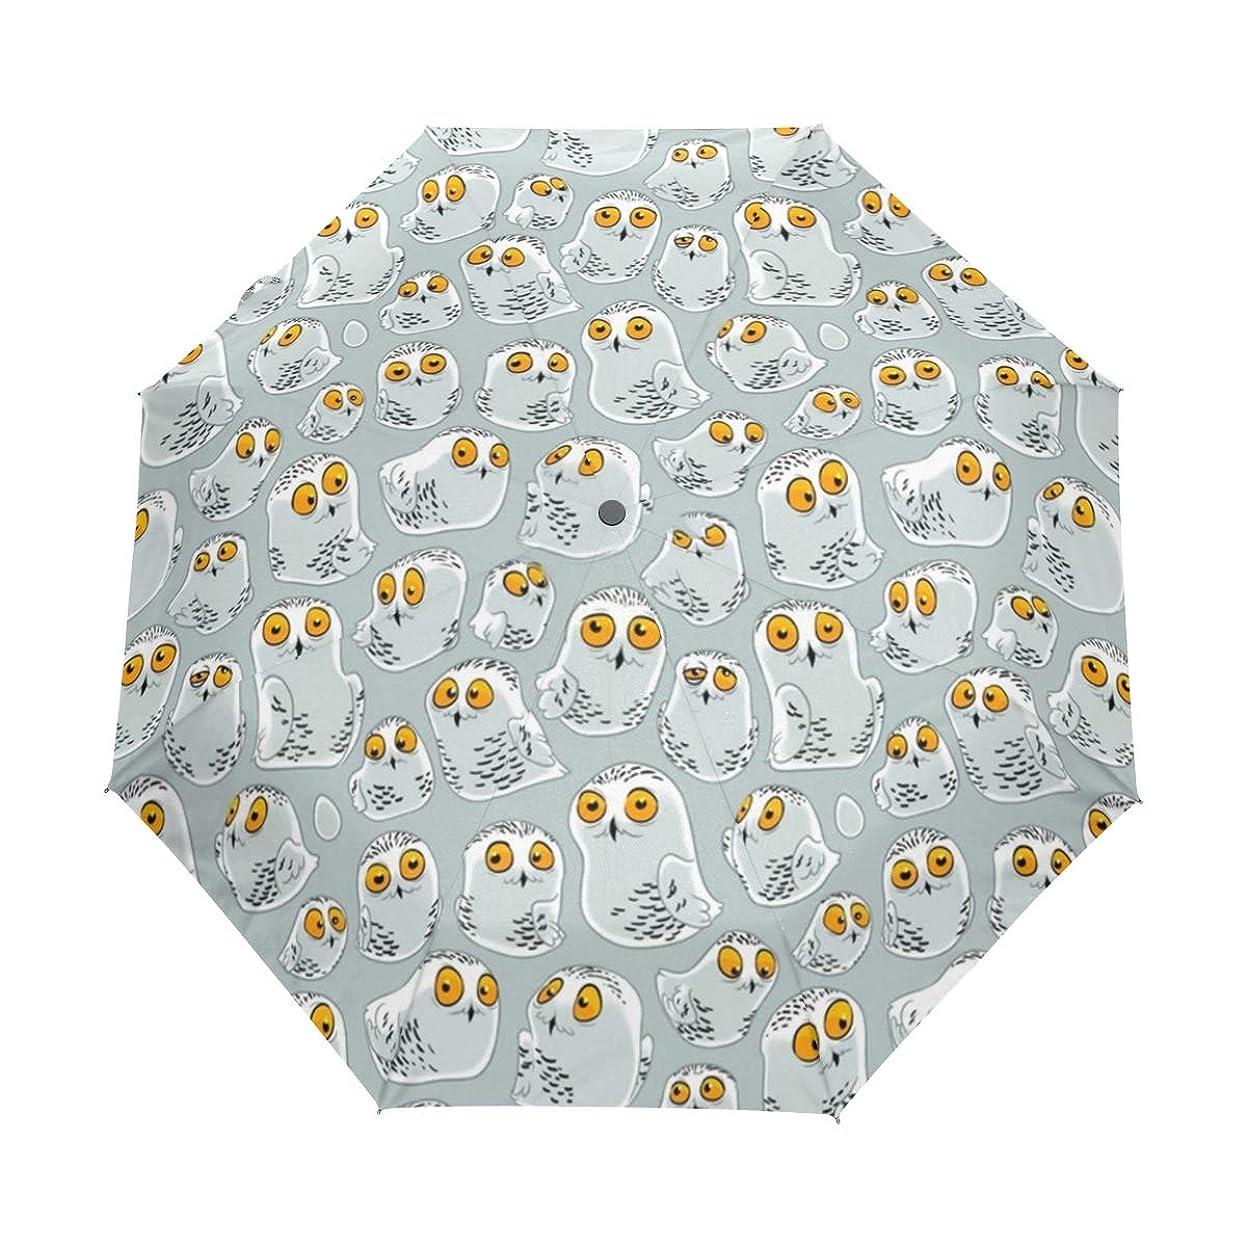 軍隊褐色強制折りたたみ傘 主题柄 日傘 晴雨兼用 遮光 遮熱 UPF50 UV 紫外線 99% カット レディース 8本骨 人気 可愛 梅雨対策 通勤 通学 (雪のフクロウ )